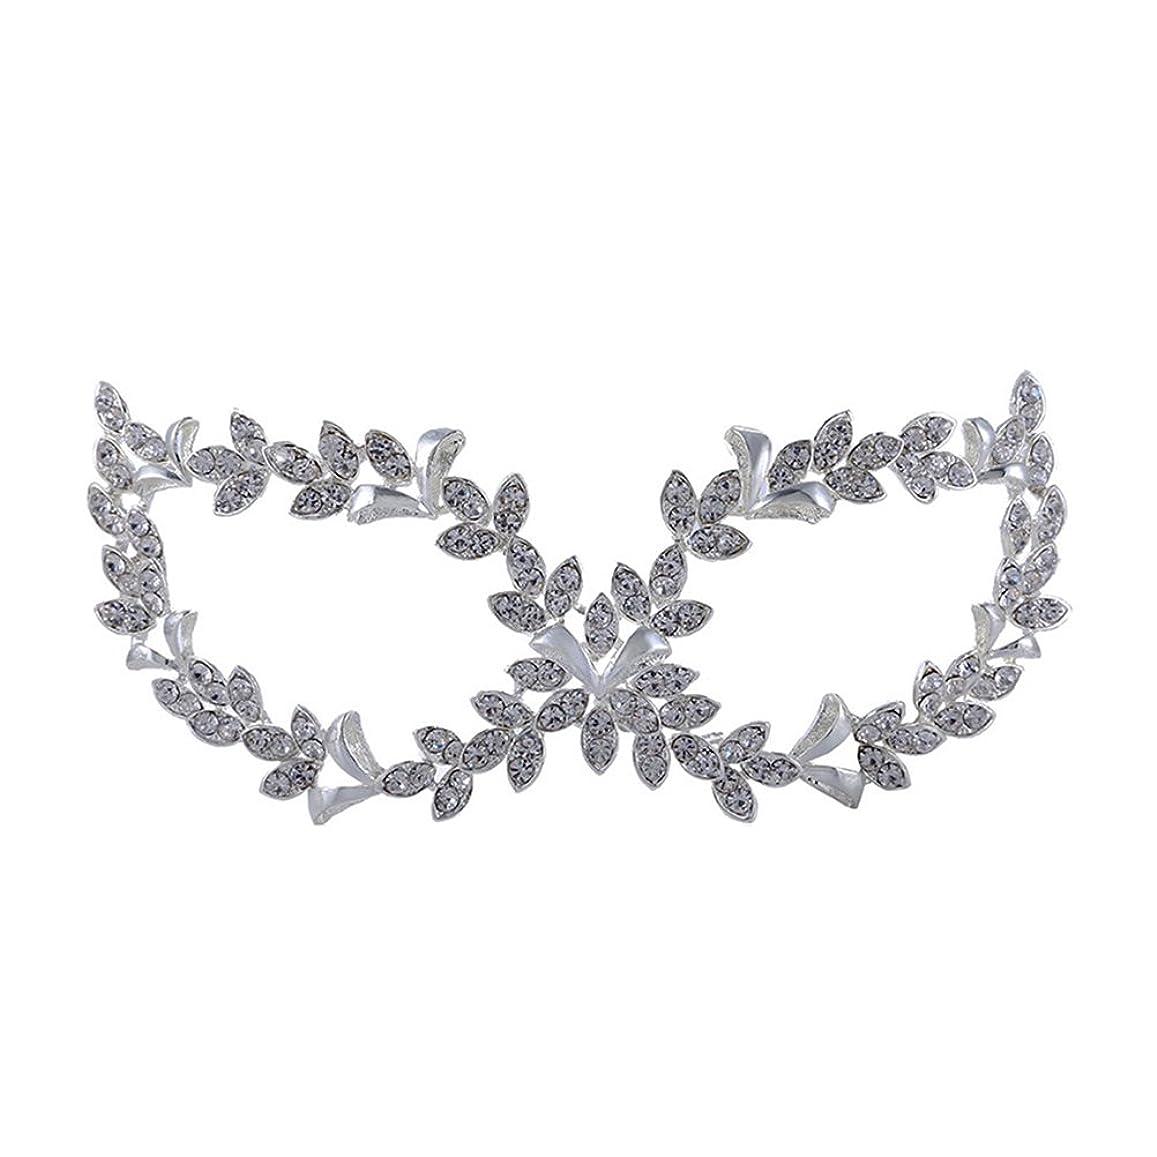 アナロジーランダムクリエイティブROSENICE 仮面舞踏会マスク 調節可能